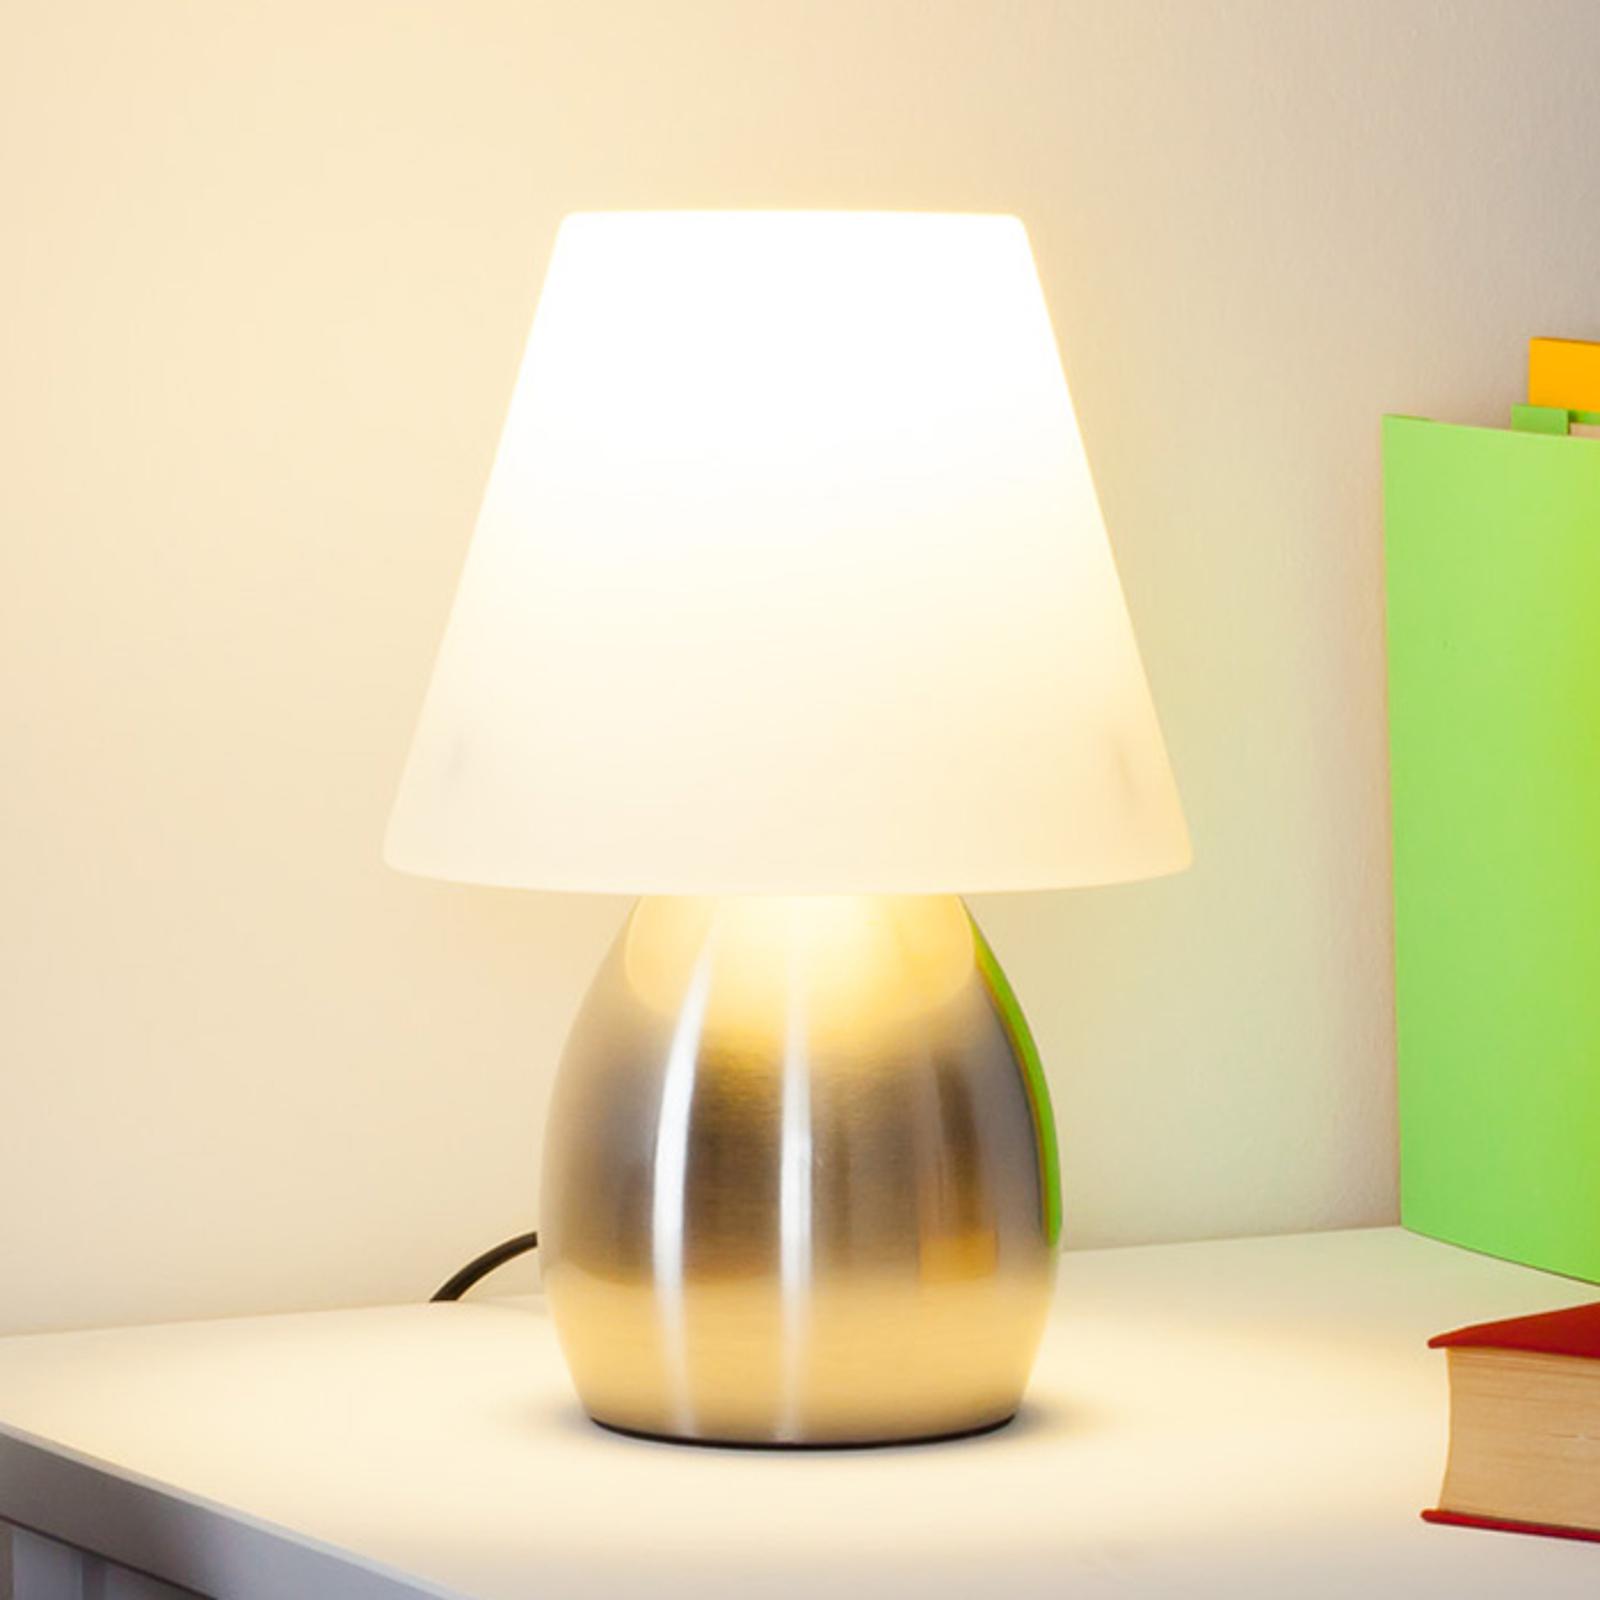 Dekorativ bordlampe Emilan med E14-LED-pære